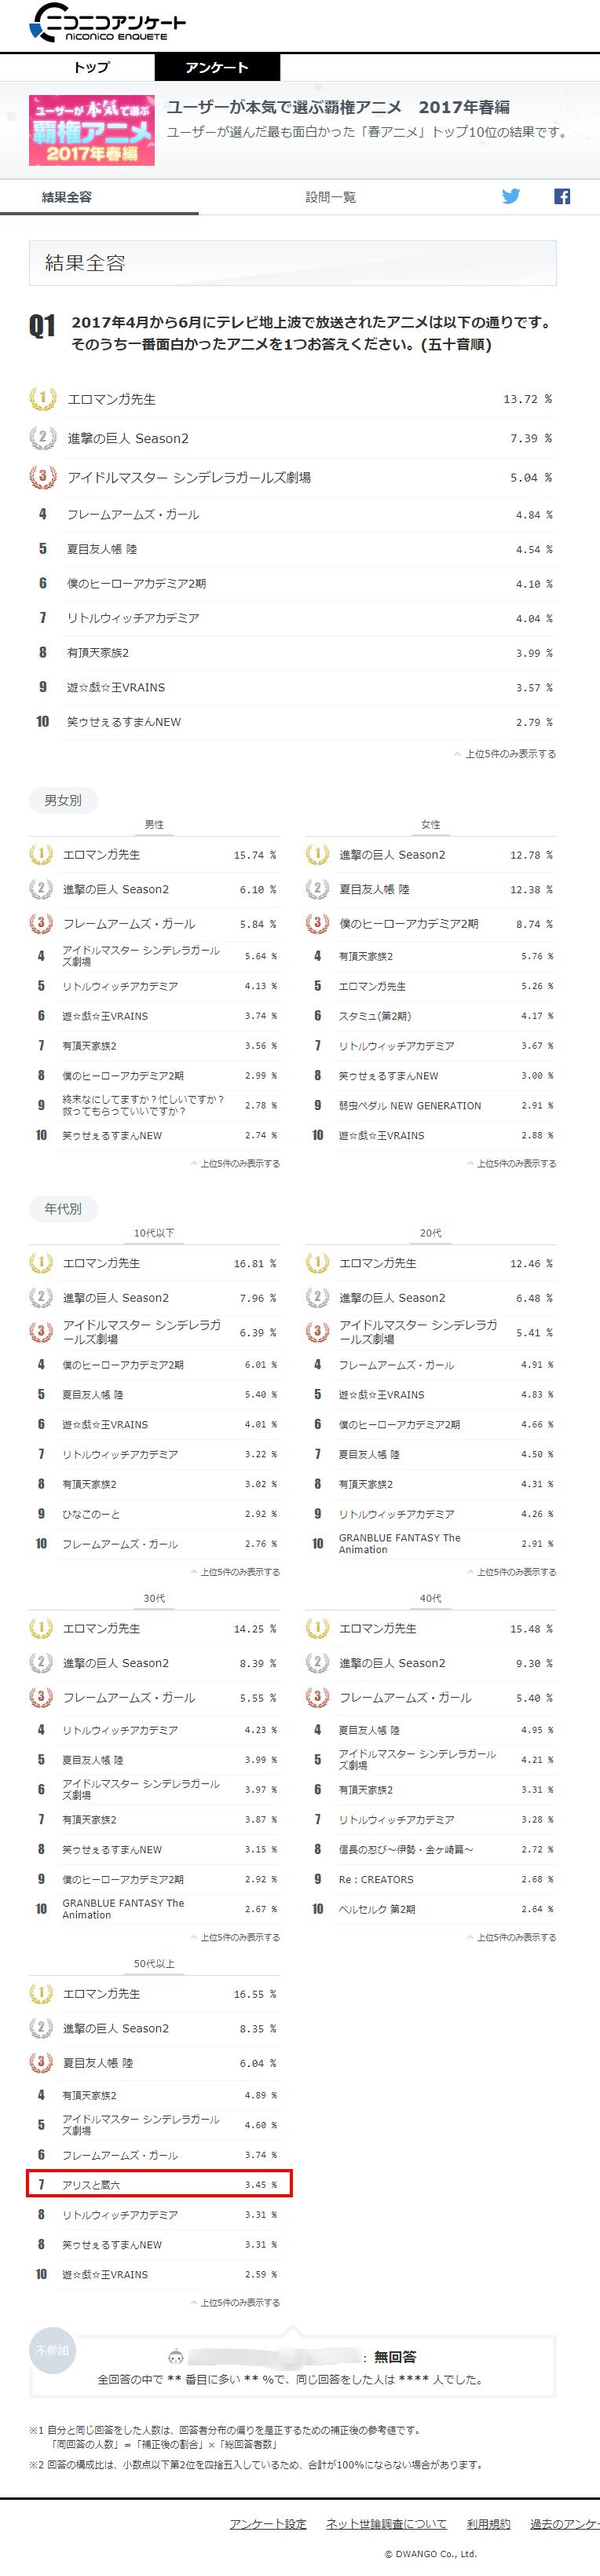 【結果】ユーザーが本気で選ぶ覇権アニメ 2017年春編